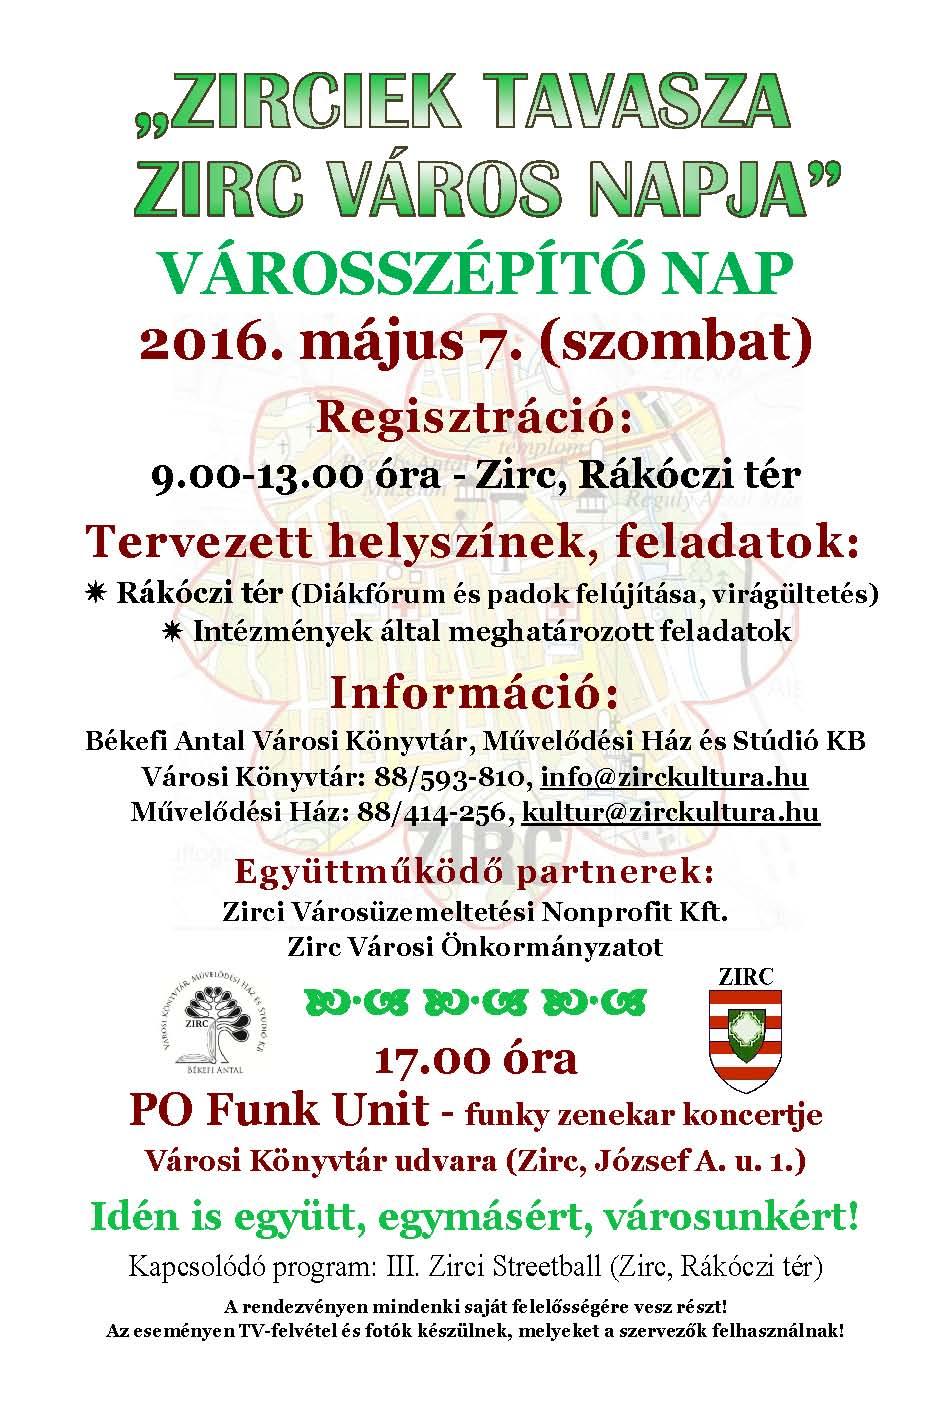 2016-05-07_zirciek_tavasza.jpg